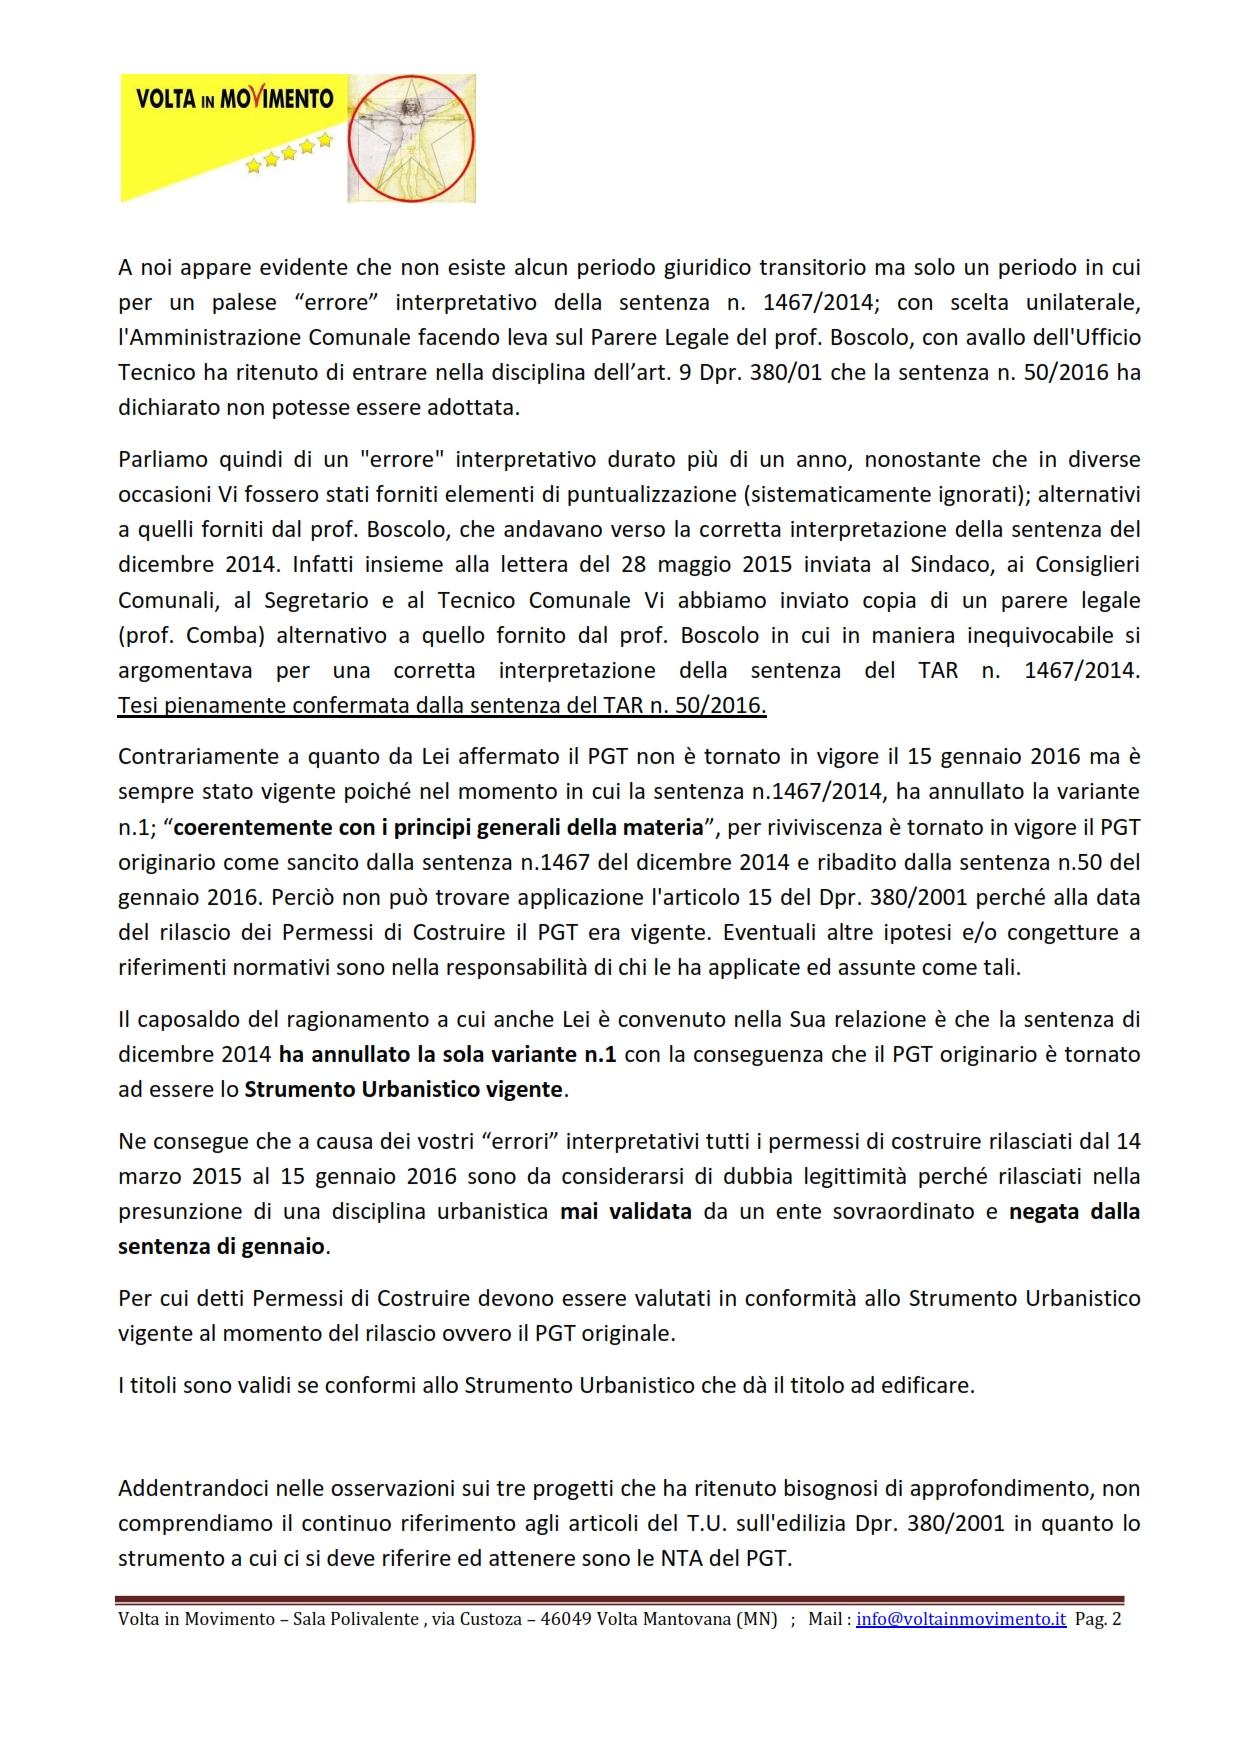 replica-alla-relazione-del-geom-milani-30-luglio-2016_002